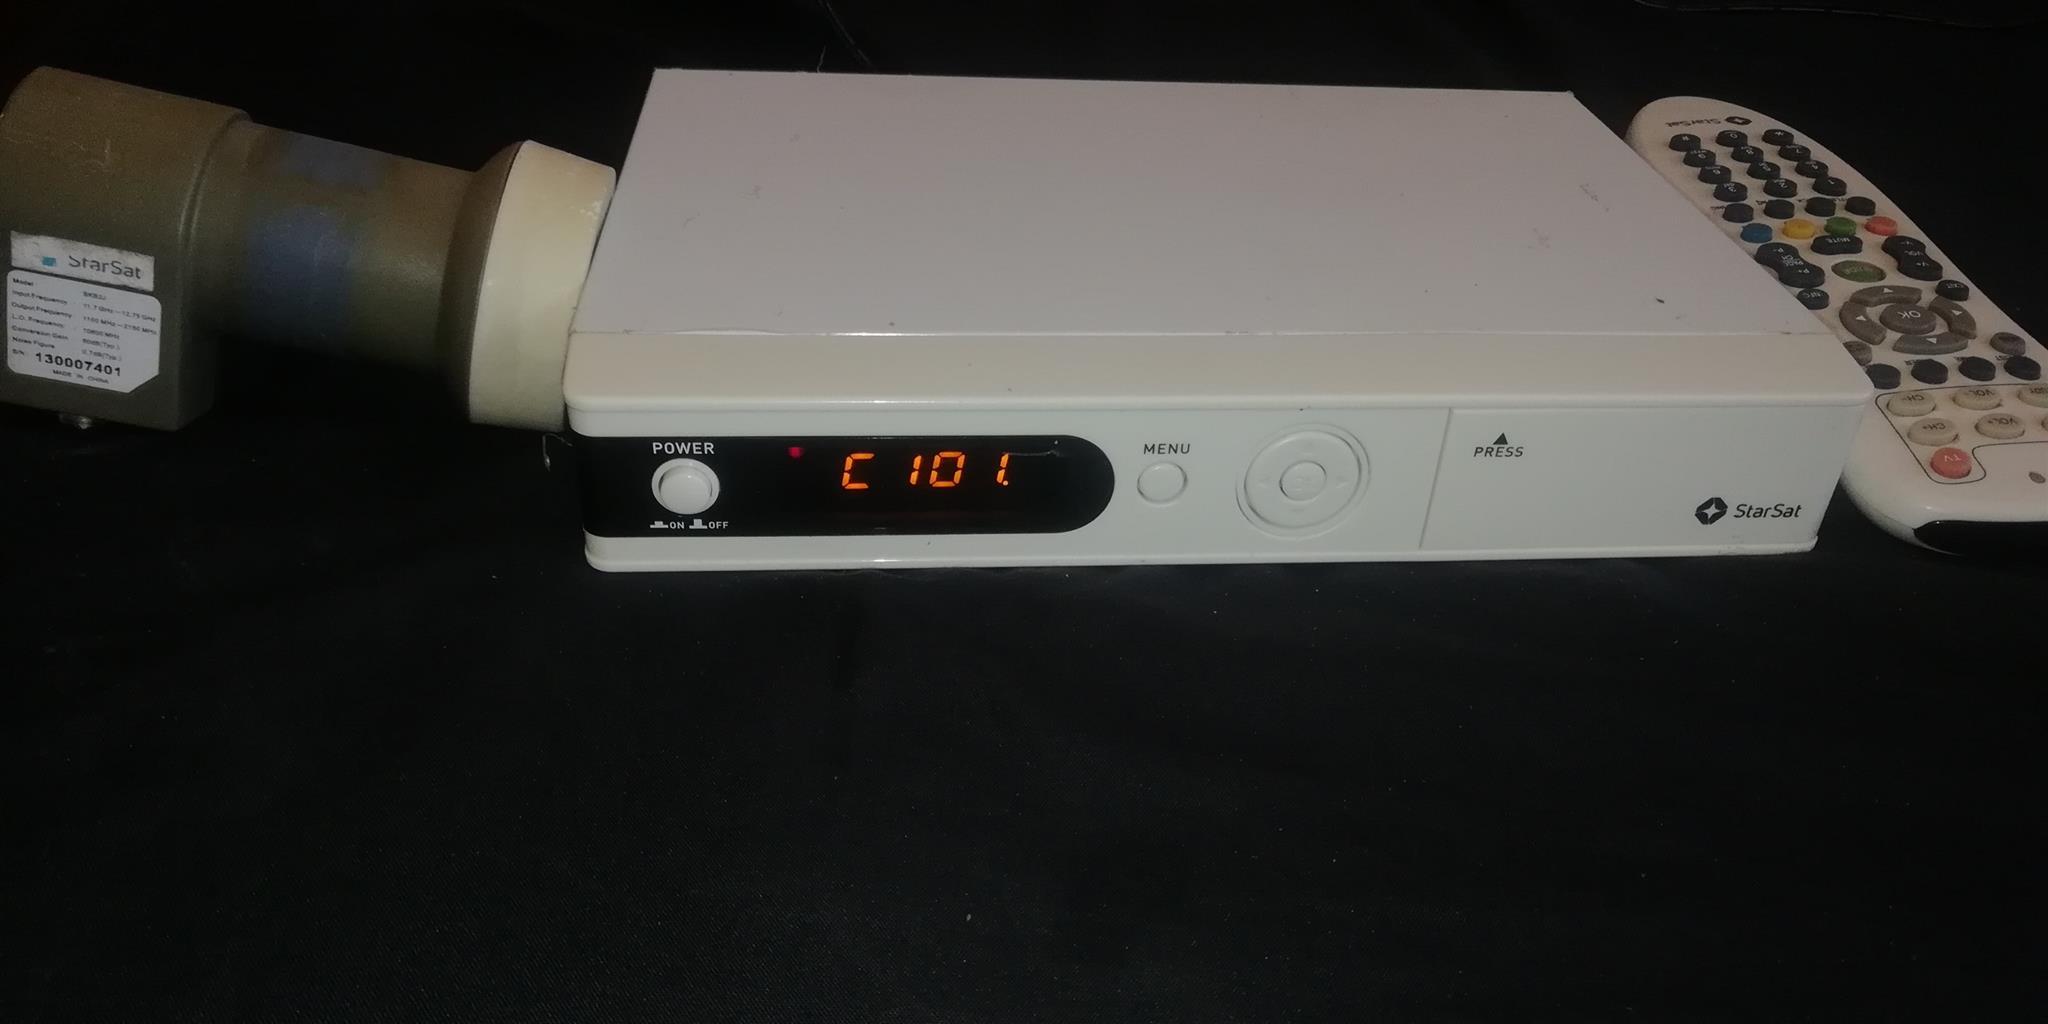 HD Starsat decoder complete with satellite dish